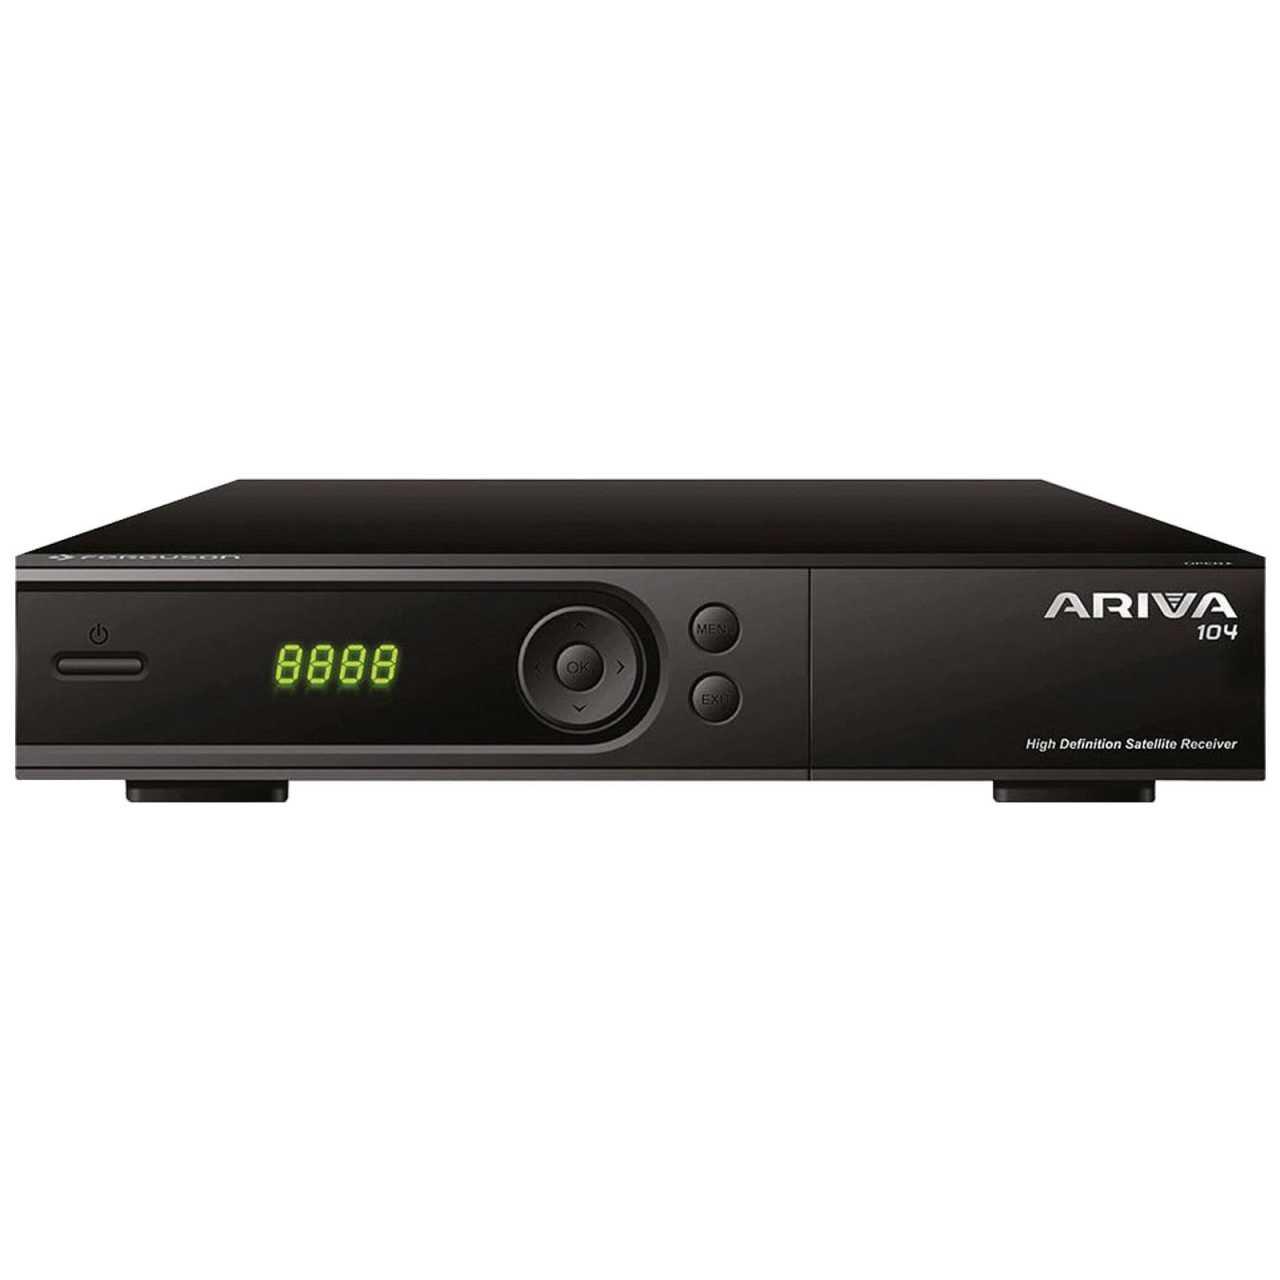 Ferguson Ariva 104 Full HD H.265 USB LAN Sat Receiver RECFER067